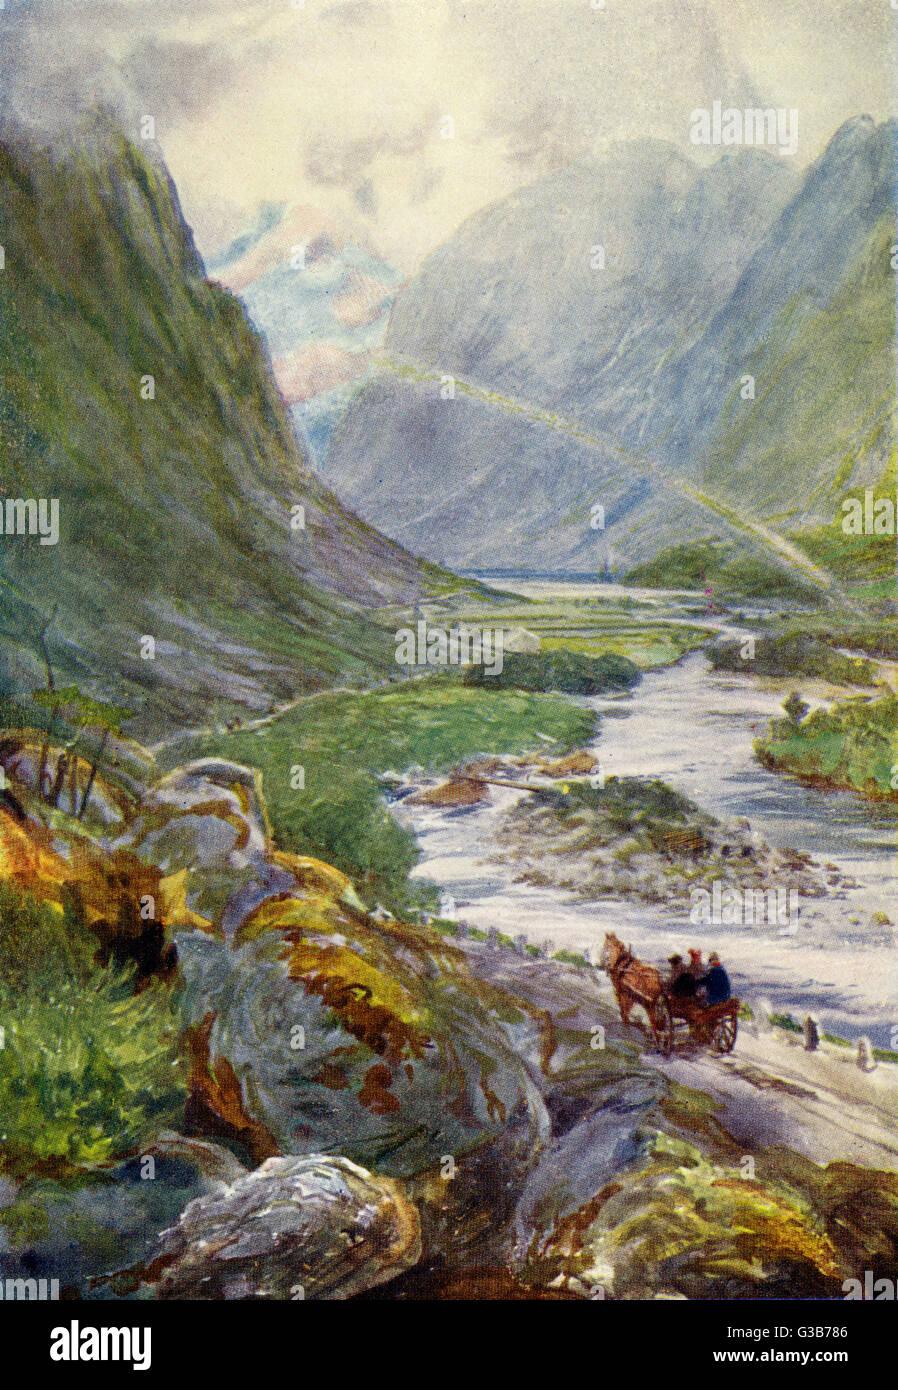 Naerodal: un paesaggio roccioso data: 1909 Immagini Stock